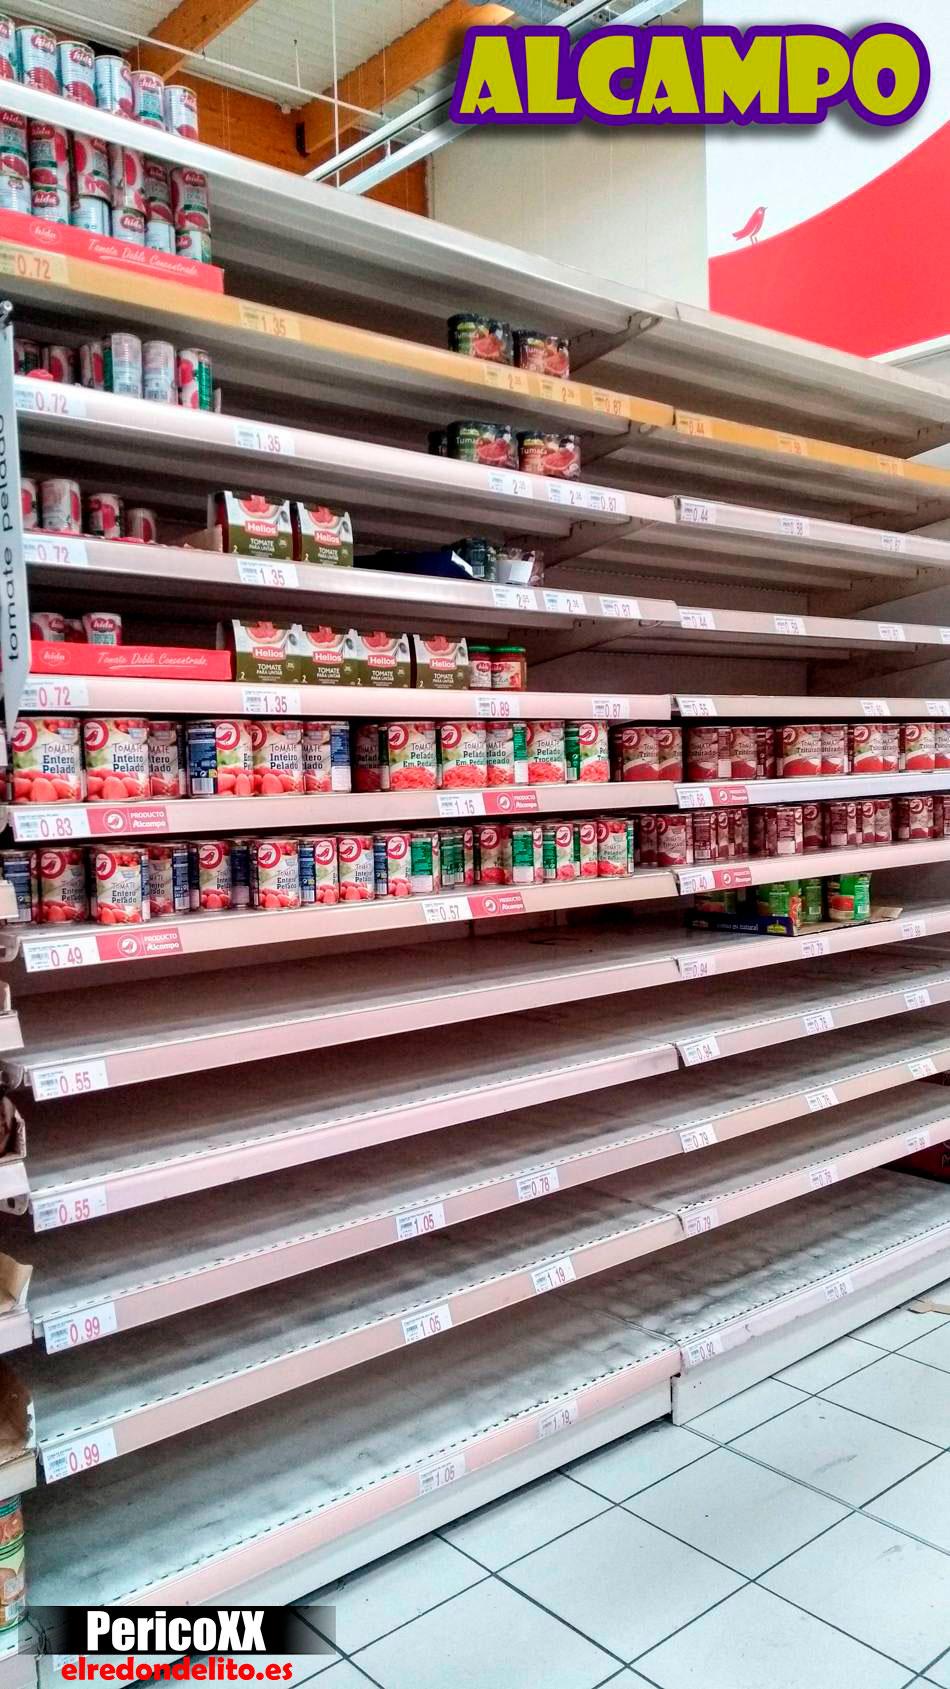 Supermercado Alcampo vacio 03-2020